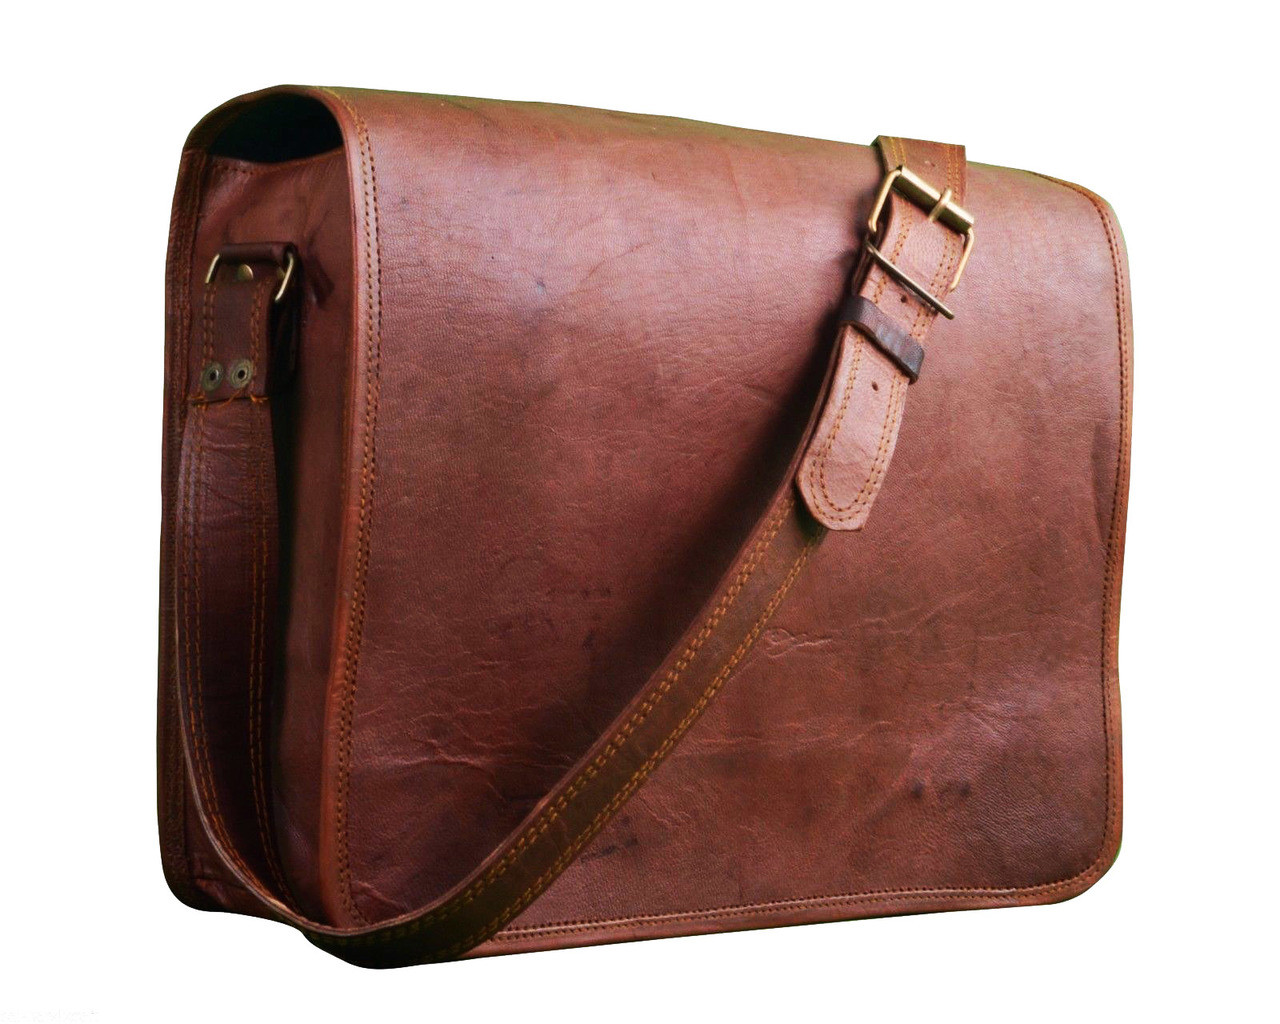 ... Men s Vintage Goat Leather Compact Messenger   Tablet Bag - Brown.  Image 1. Loading zoom 1b6efd798b207